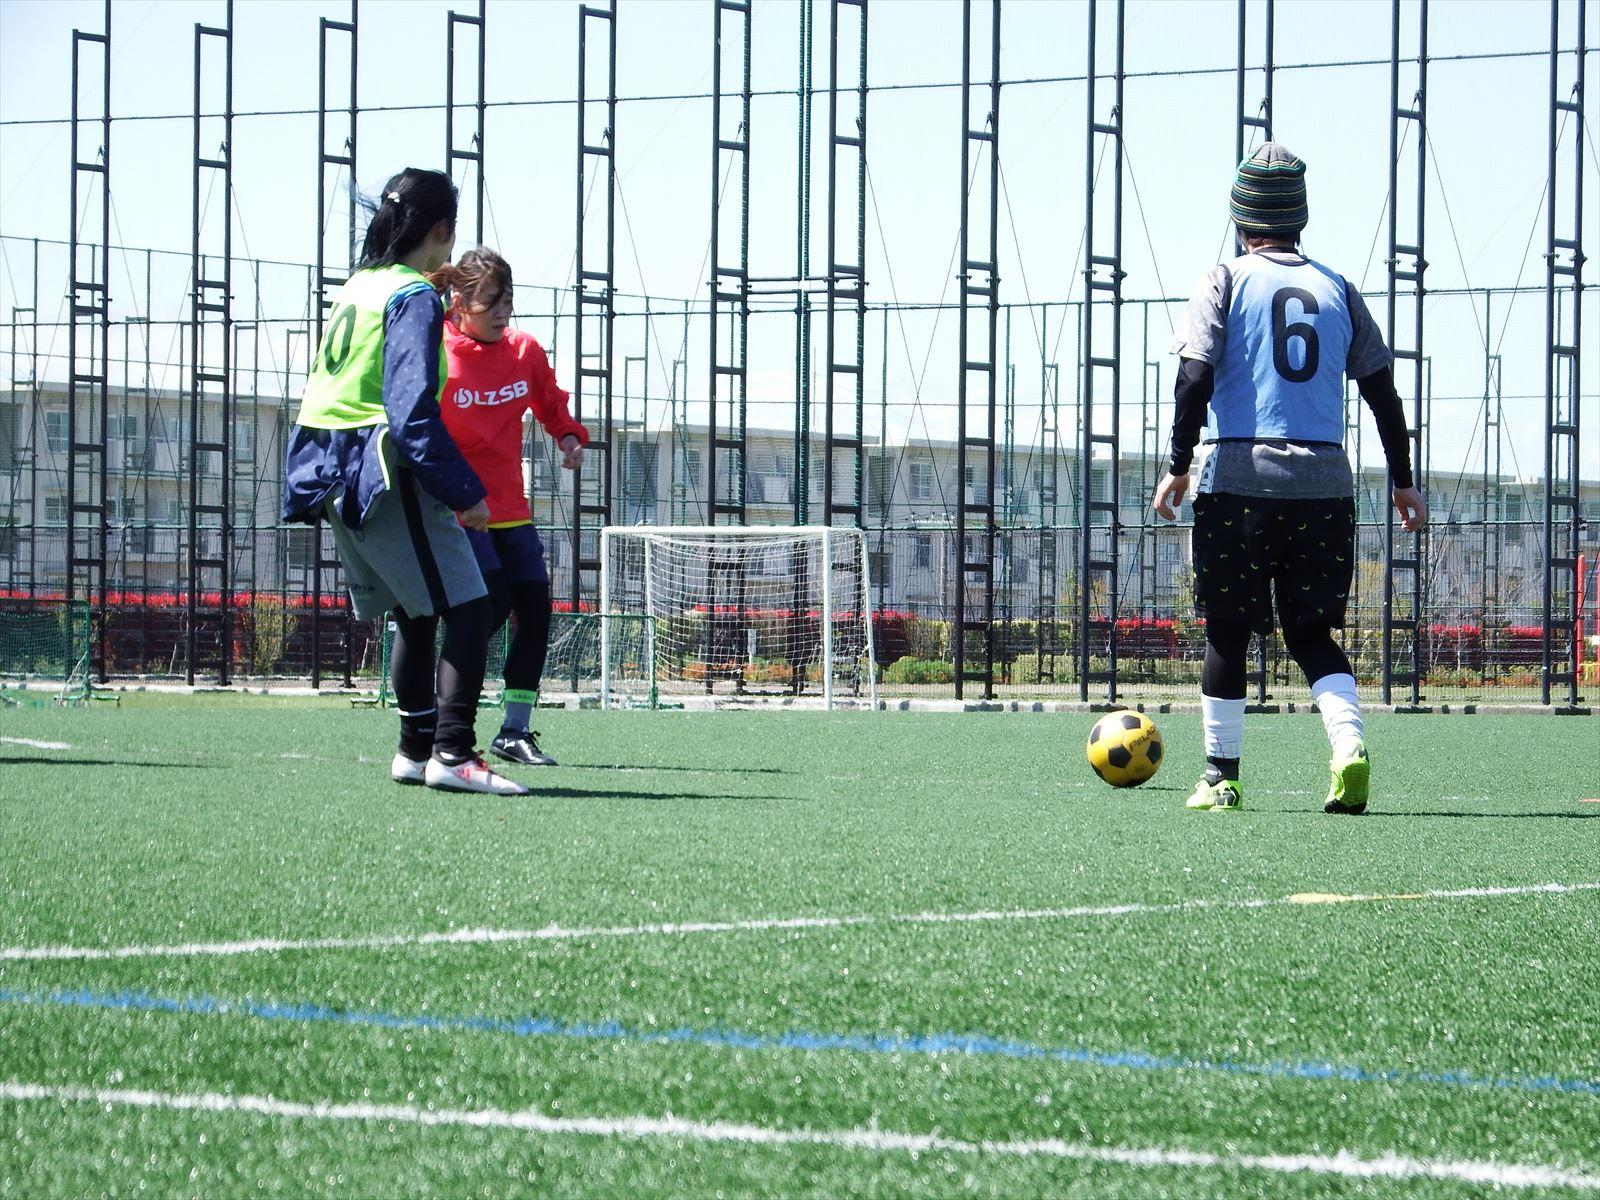 西が丘レディースサッカー教室 2019年5月の活動スケジュール